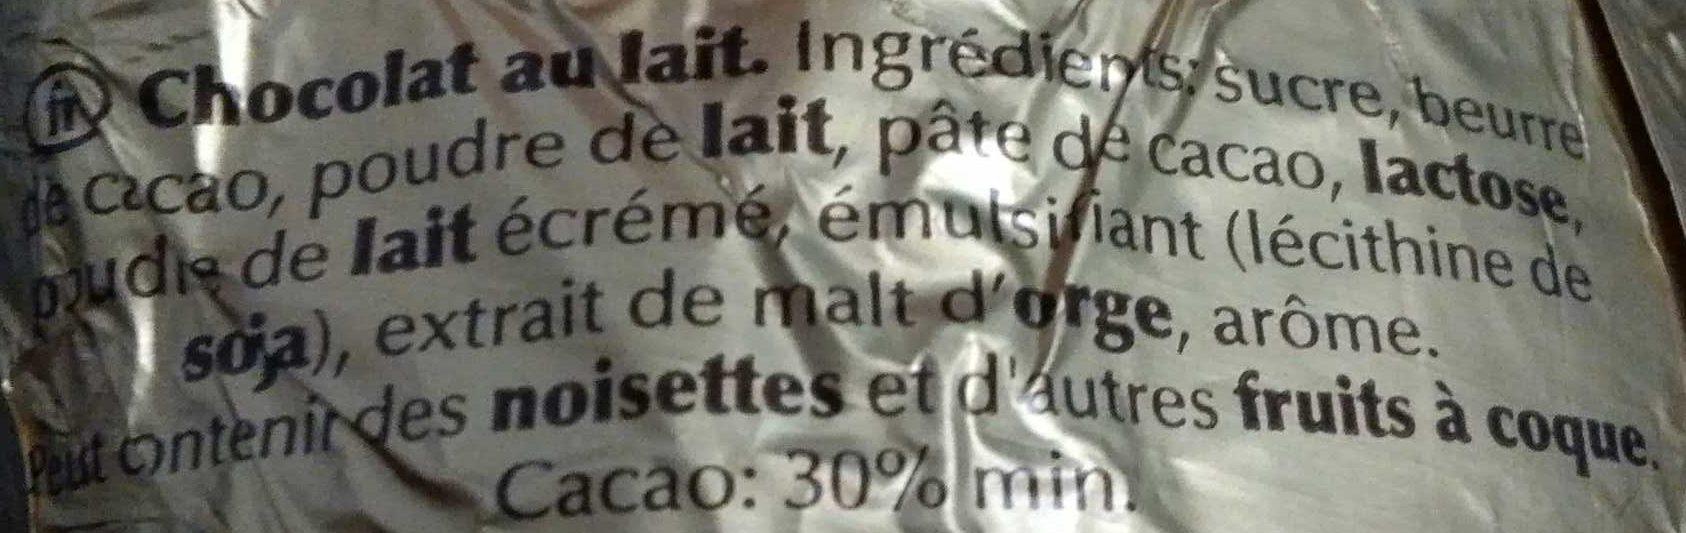 Ours au chocolat au lait - Ingredienti - fr